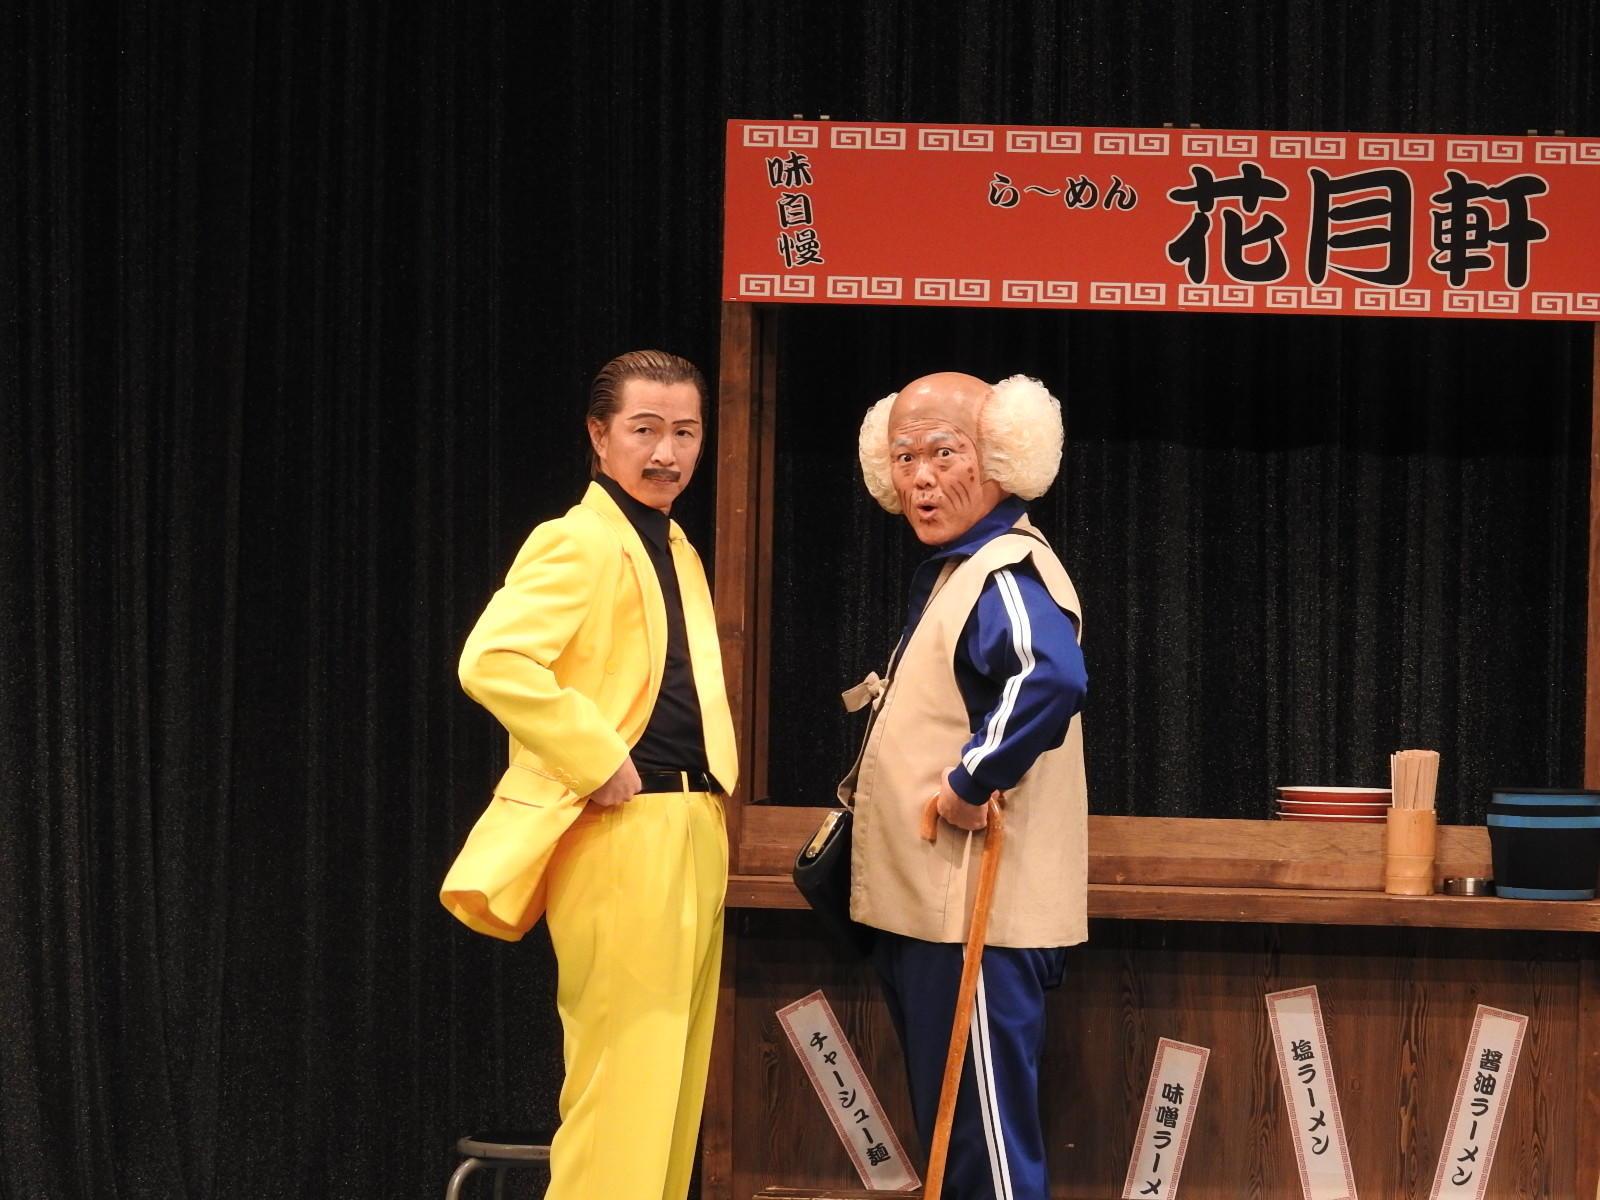 http://news.yoshimoto.co.jp/20171108143209-e448ec35987355c89e46b7f7fb027b4c75d11237.jpg